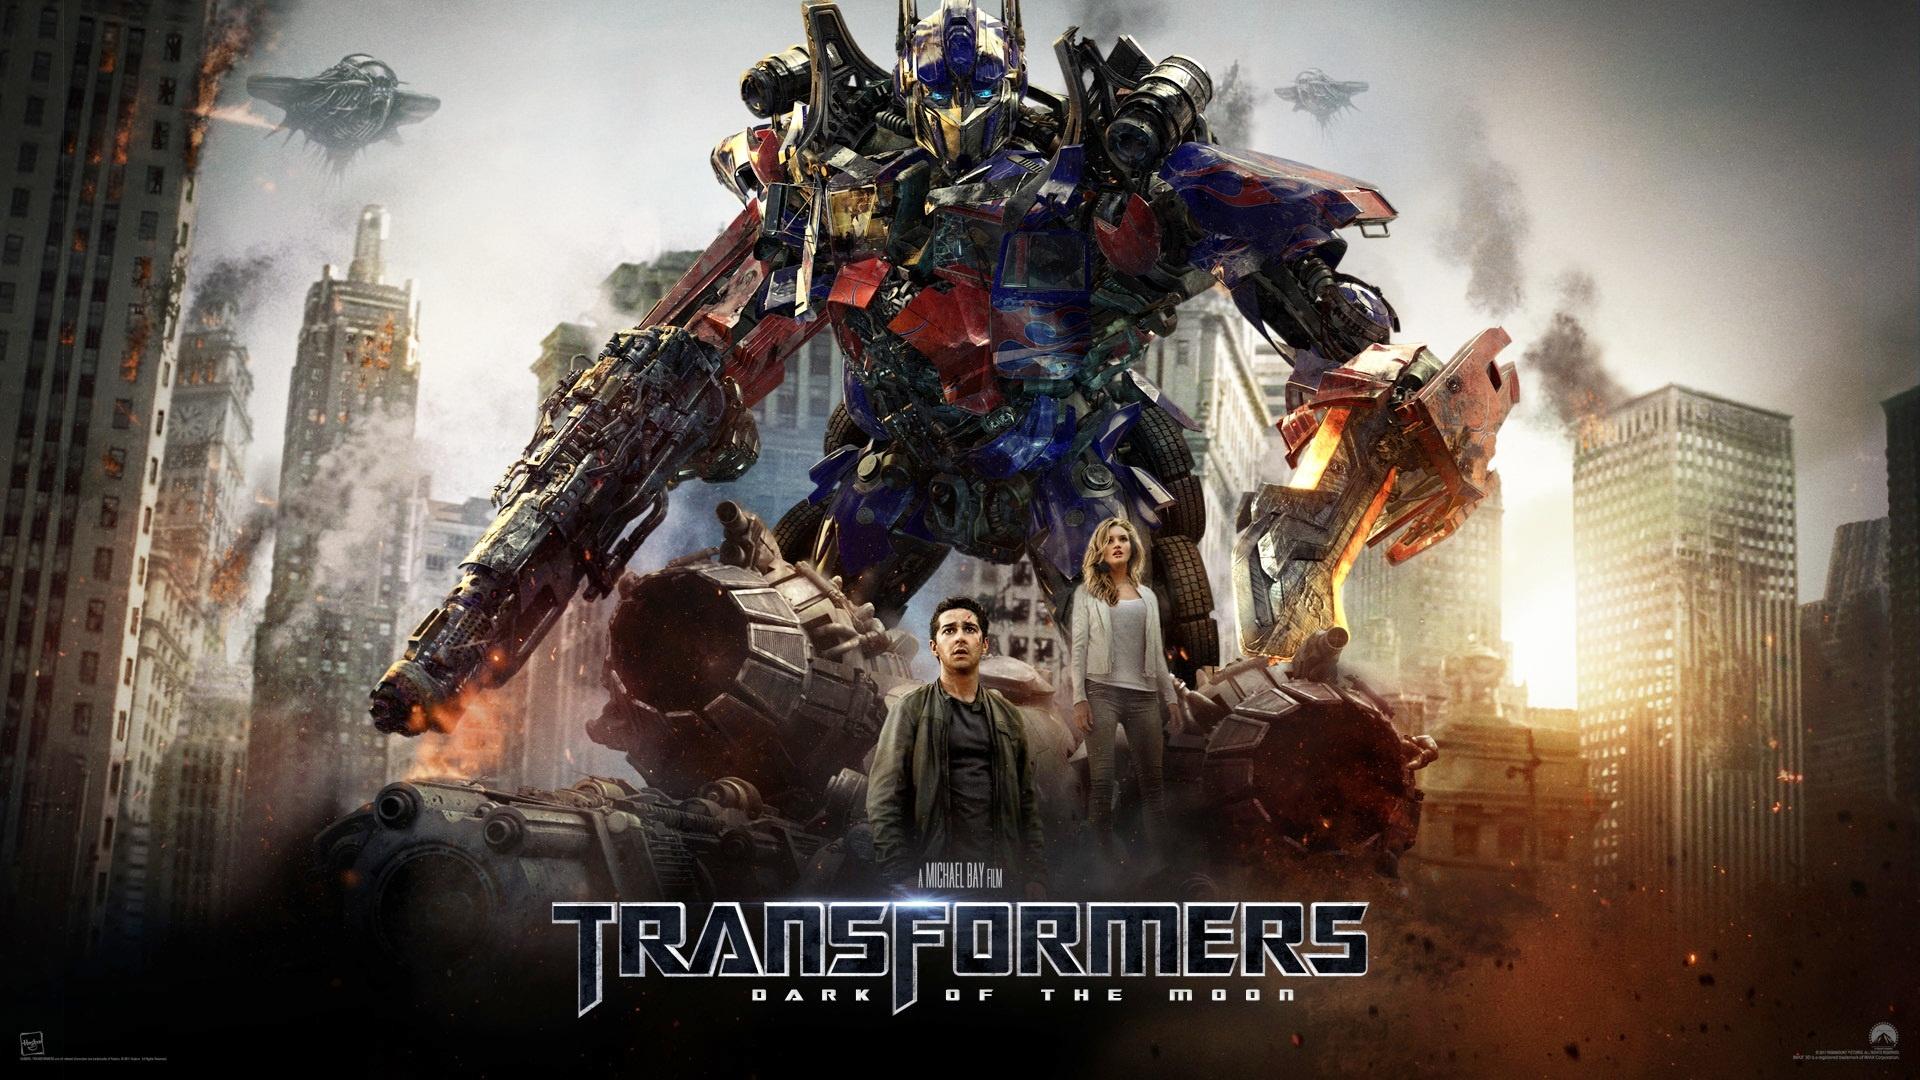 optimus prime transformers 3 dark of the moon wallpapers in jpg